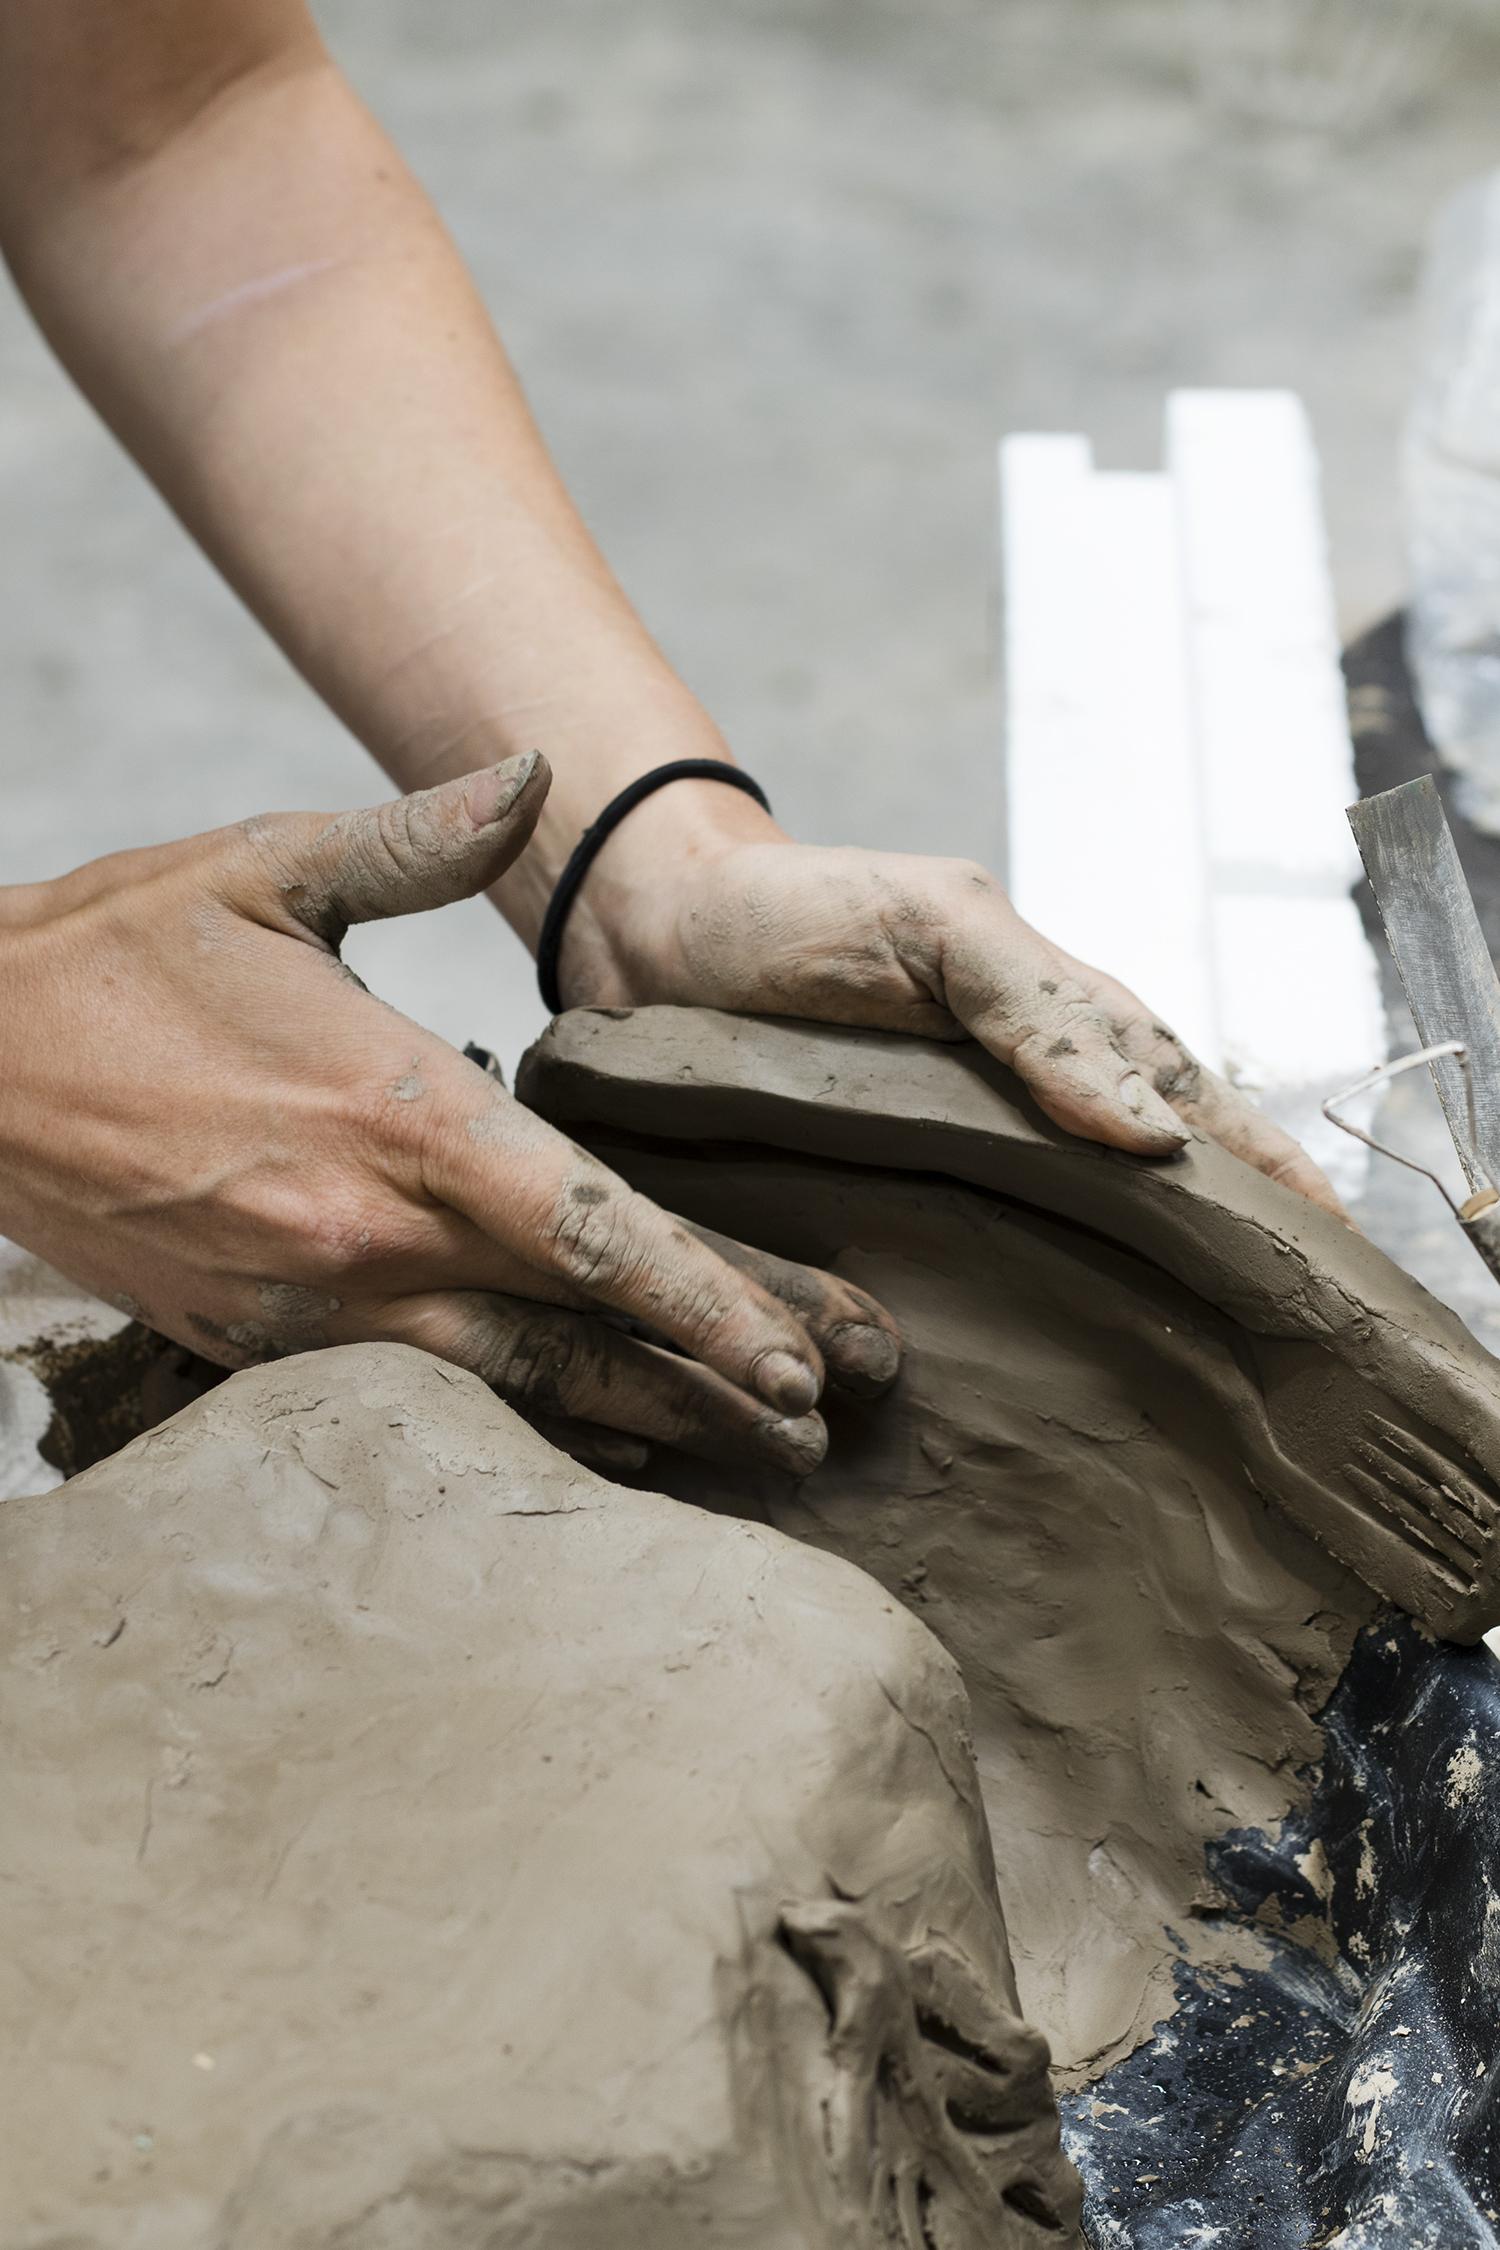 Kirke og Ida arbejder på et fælles værk. Foto © I DO ART Agency.